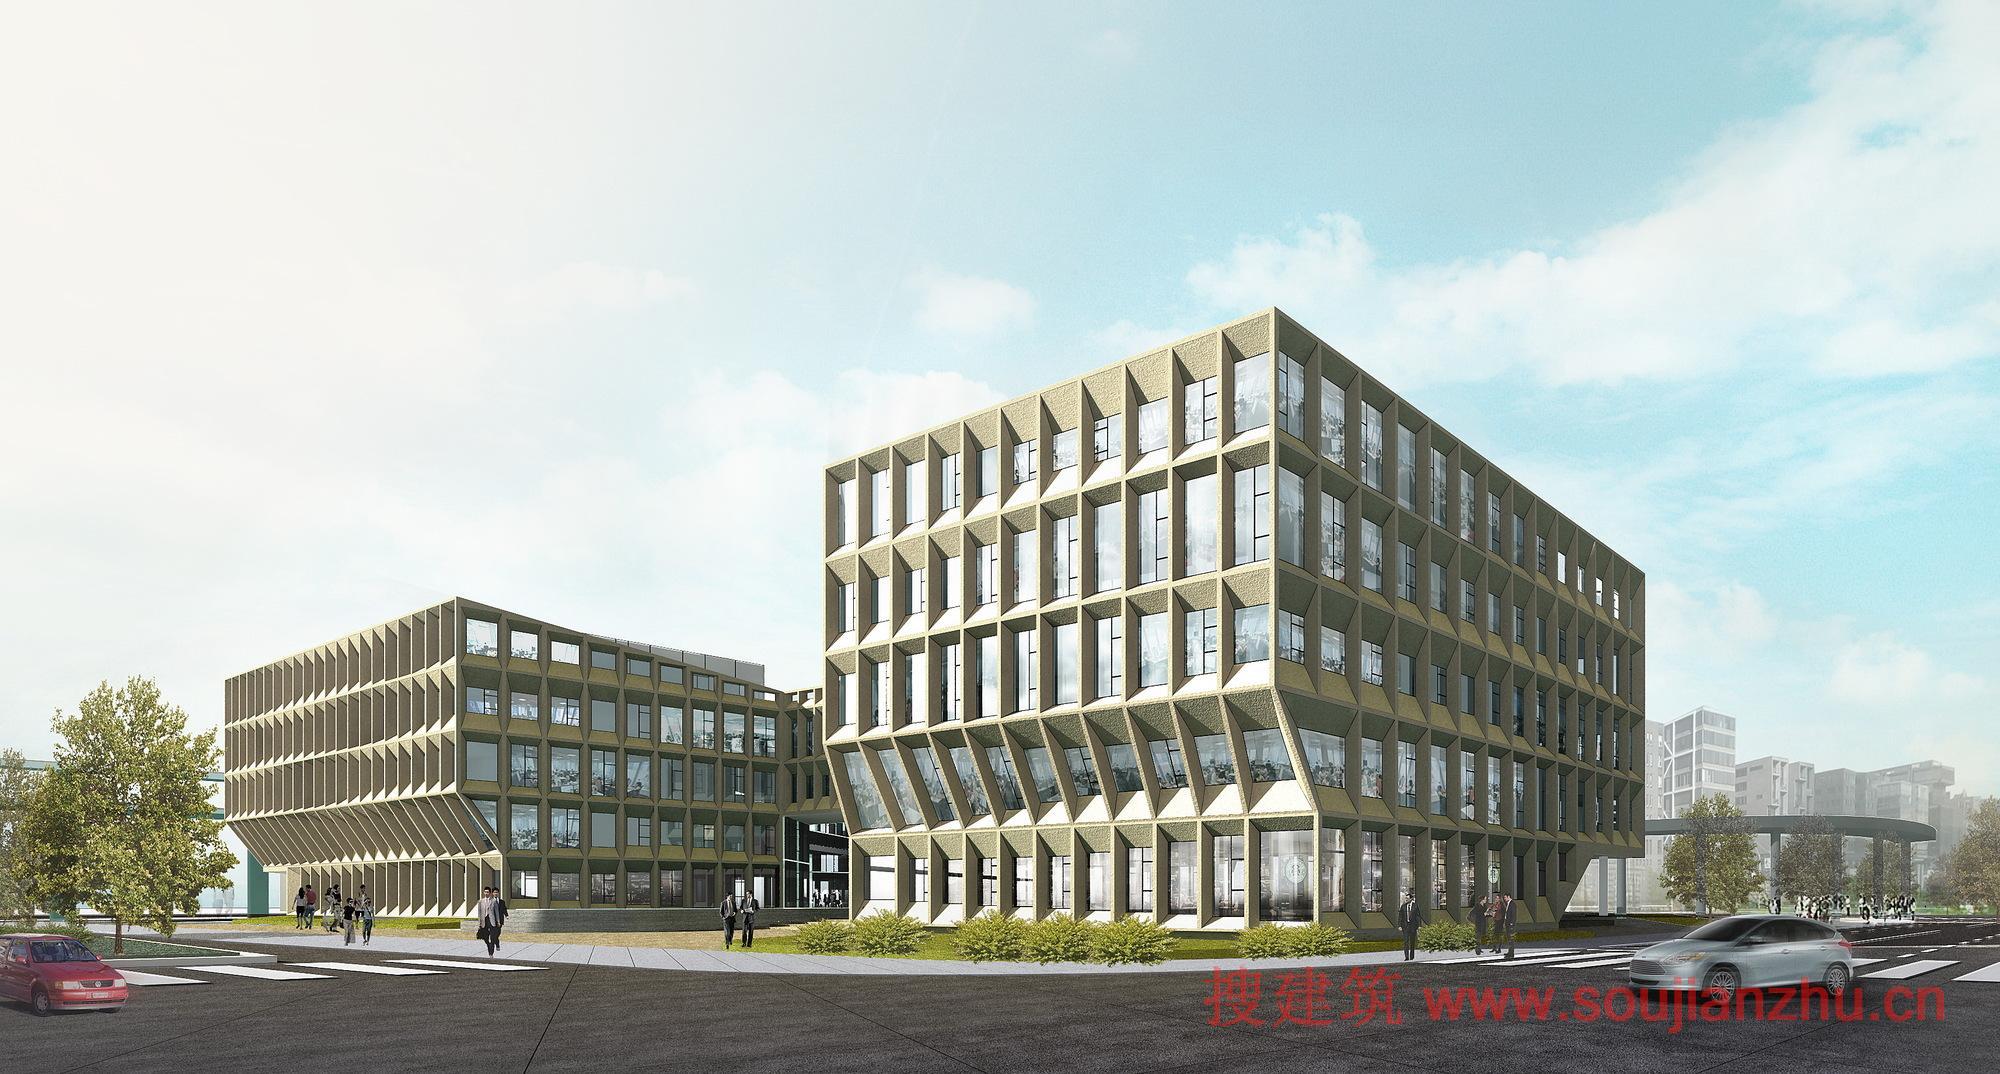 2013建筑面积规范_搜建筑网 -- 上海·虹桥商务区办公总部大楼---LYCS Architecture